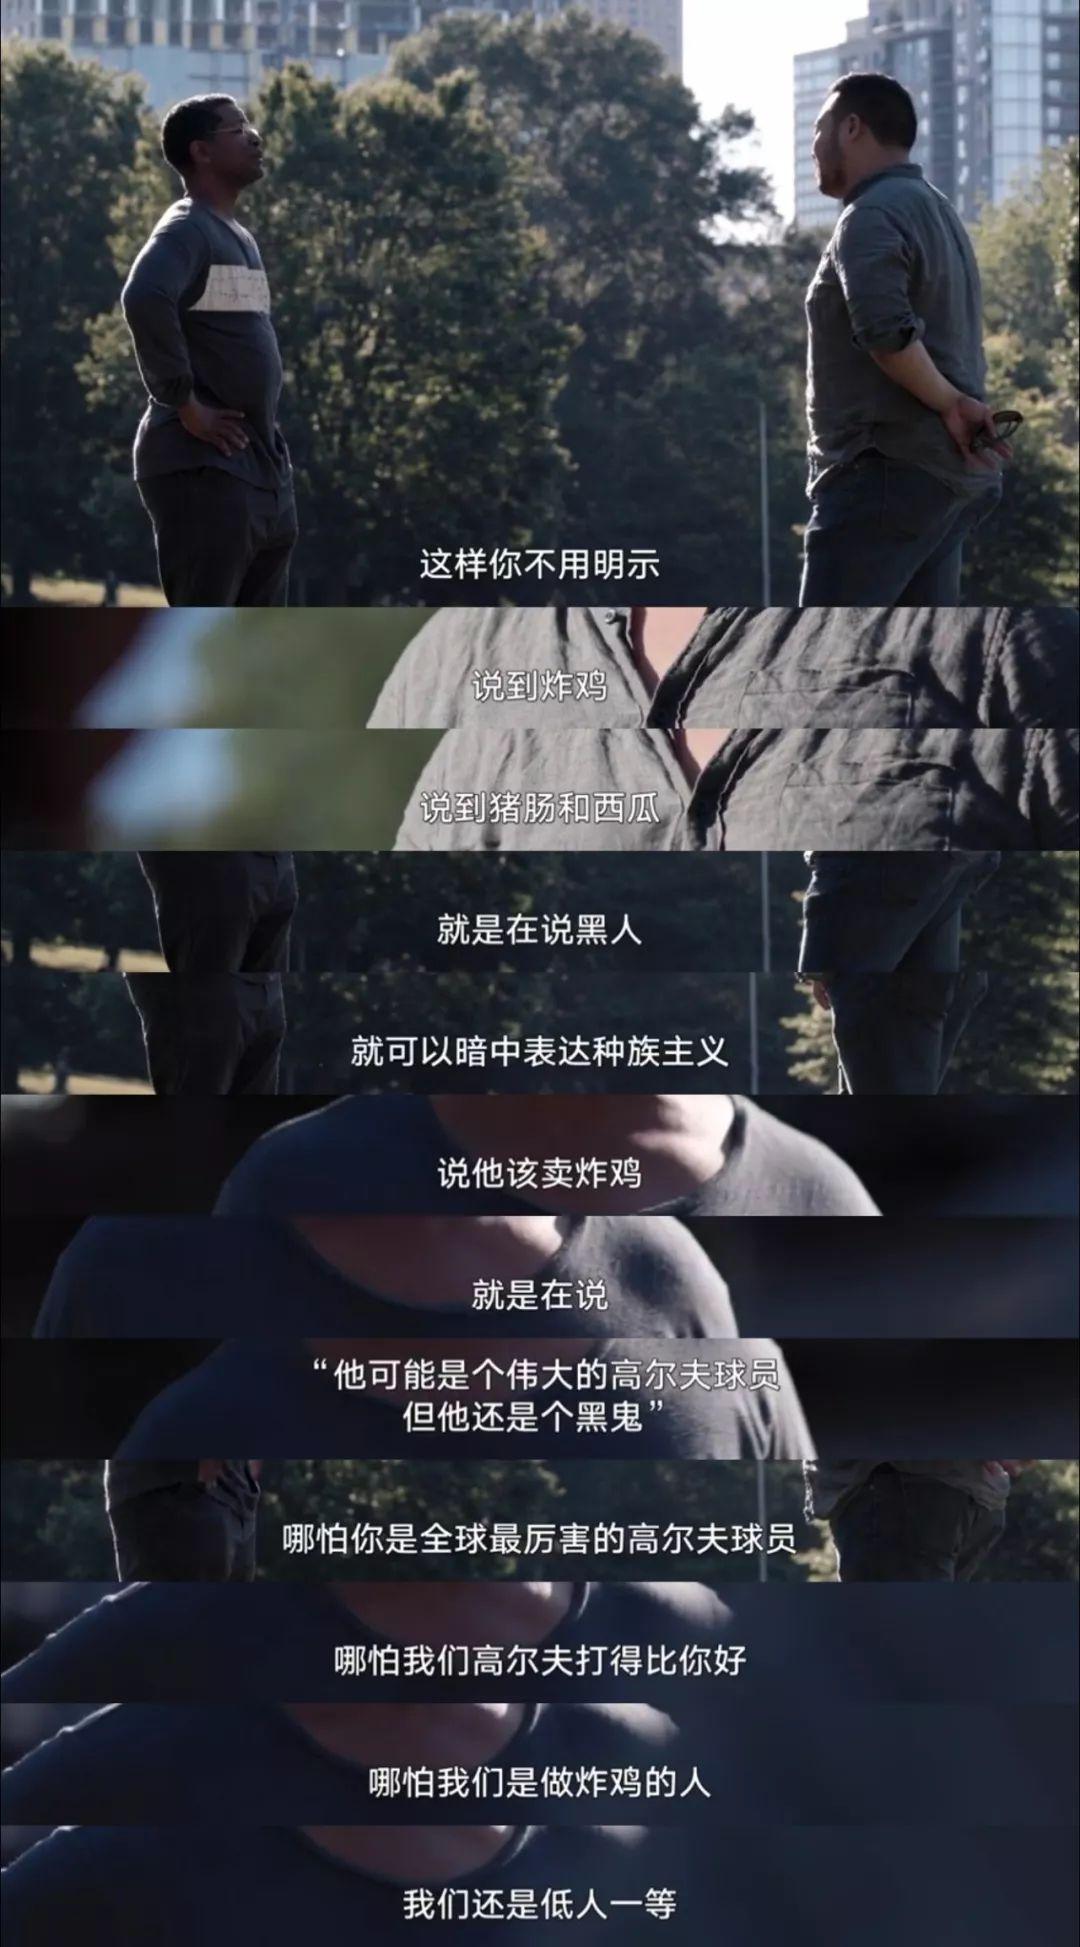 【特色小吃】小吃大全_做法_美食_亲子百科_太平